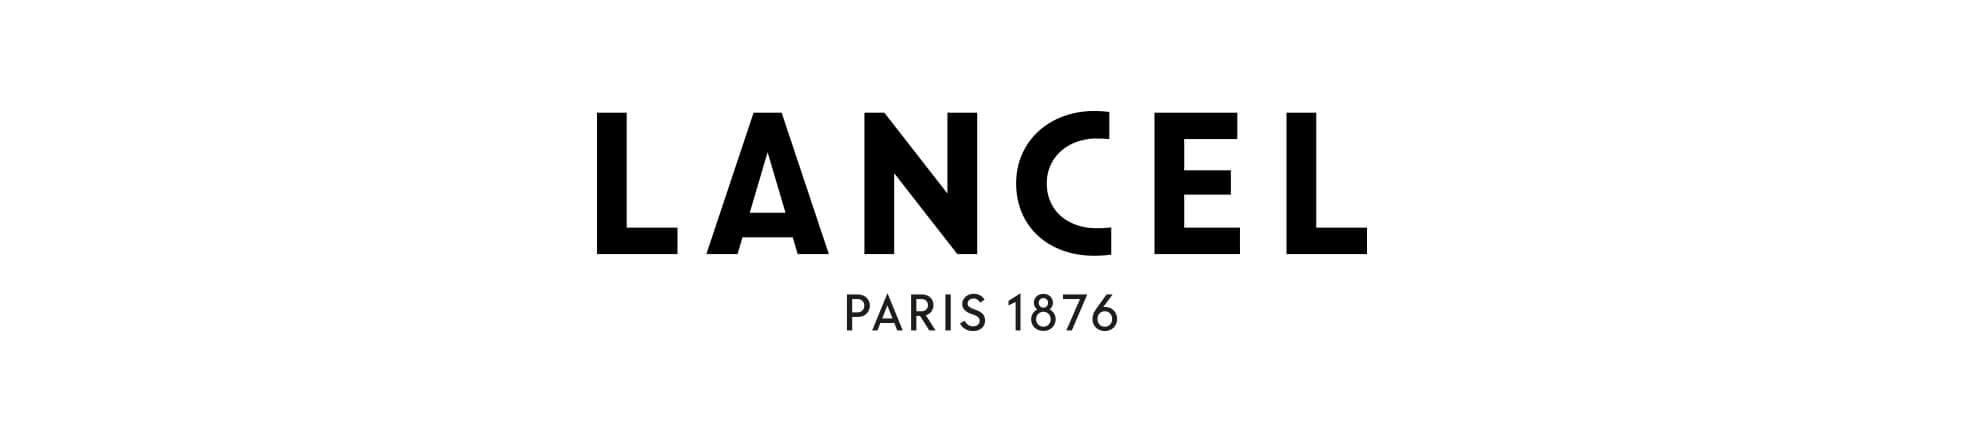 lancel-logo